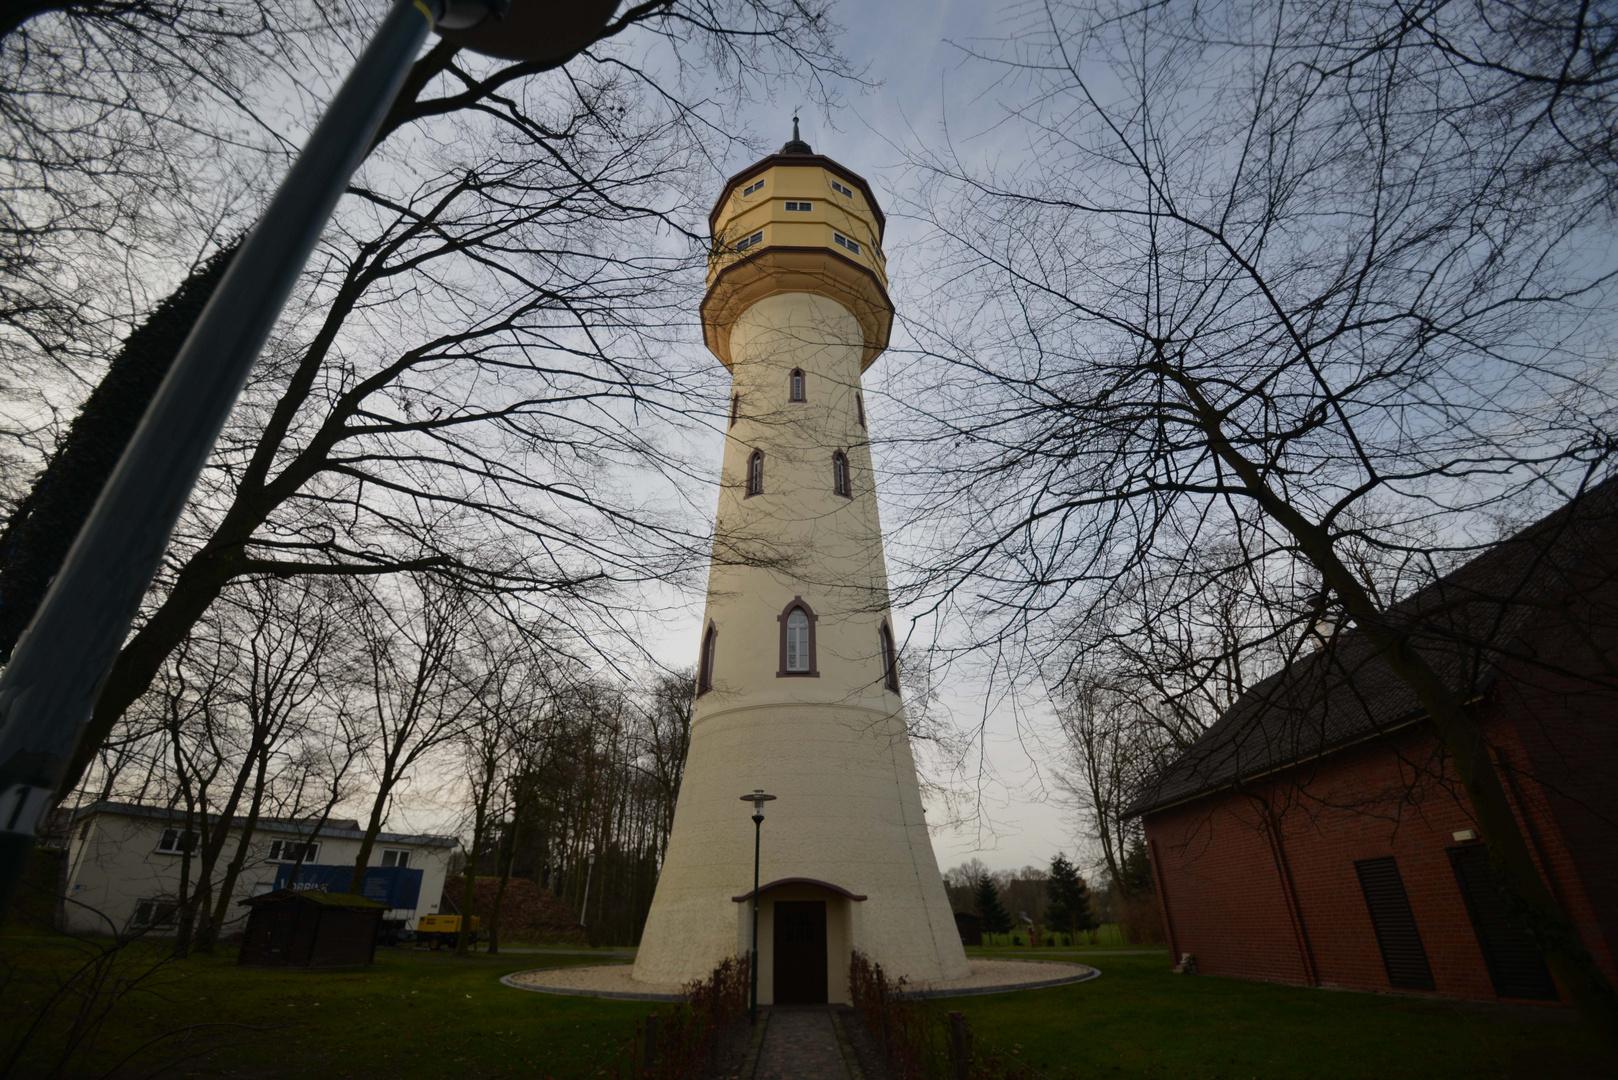 Wasserturm Gronau